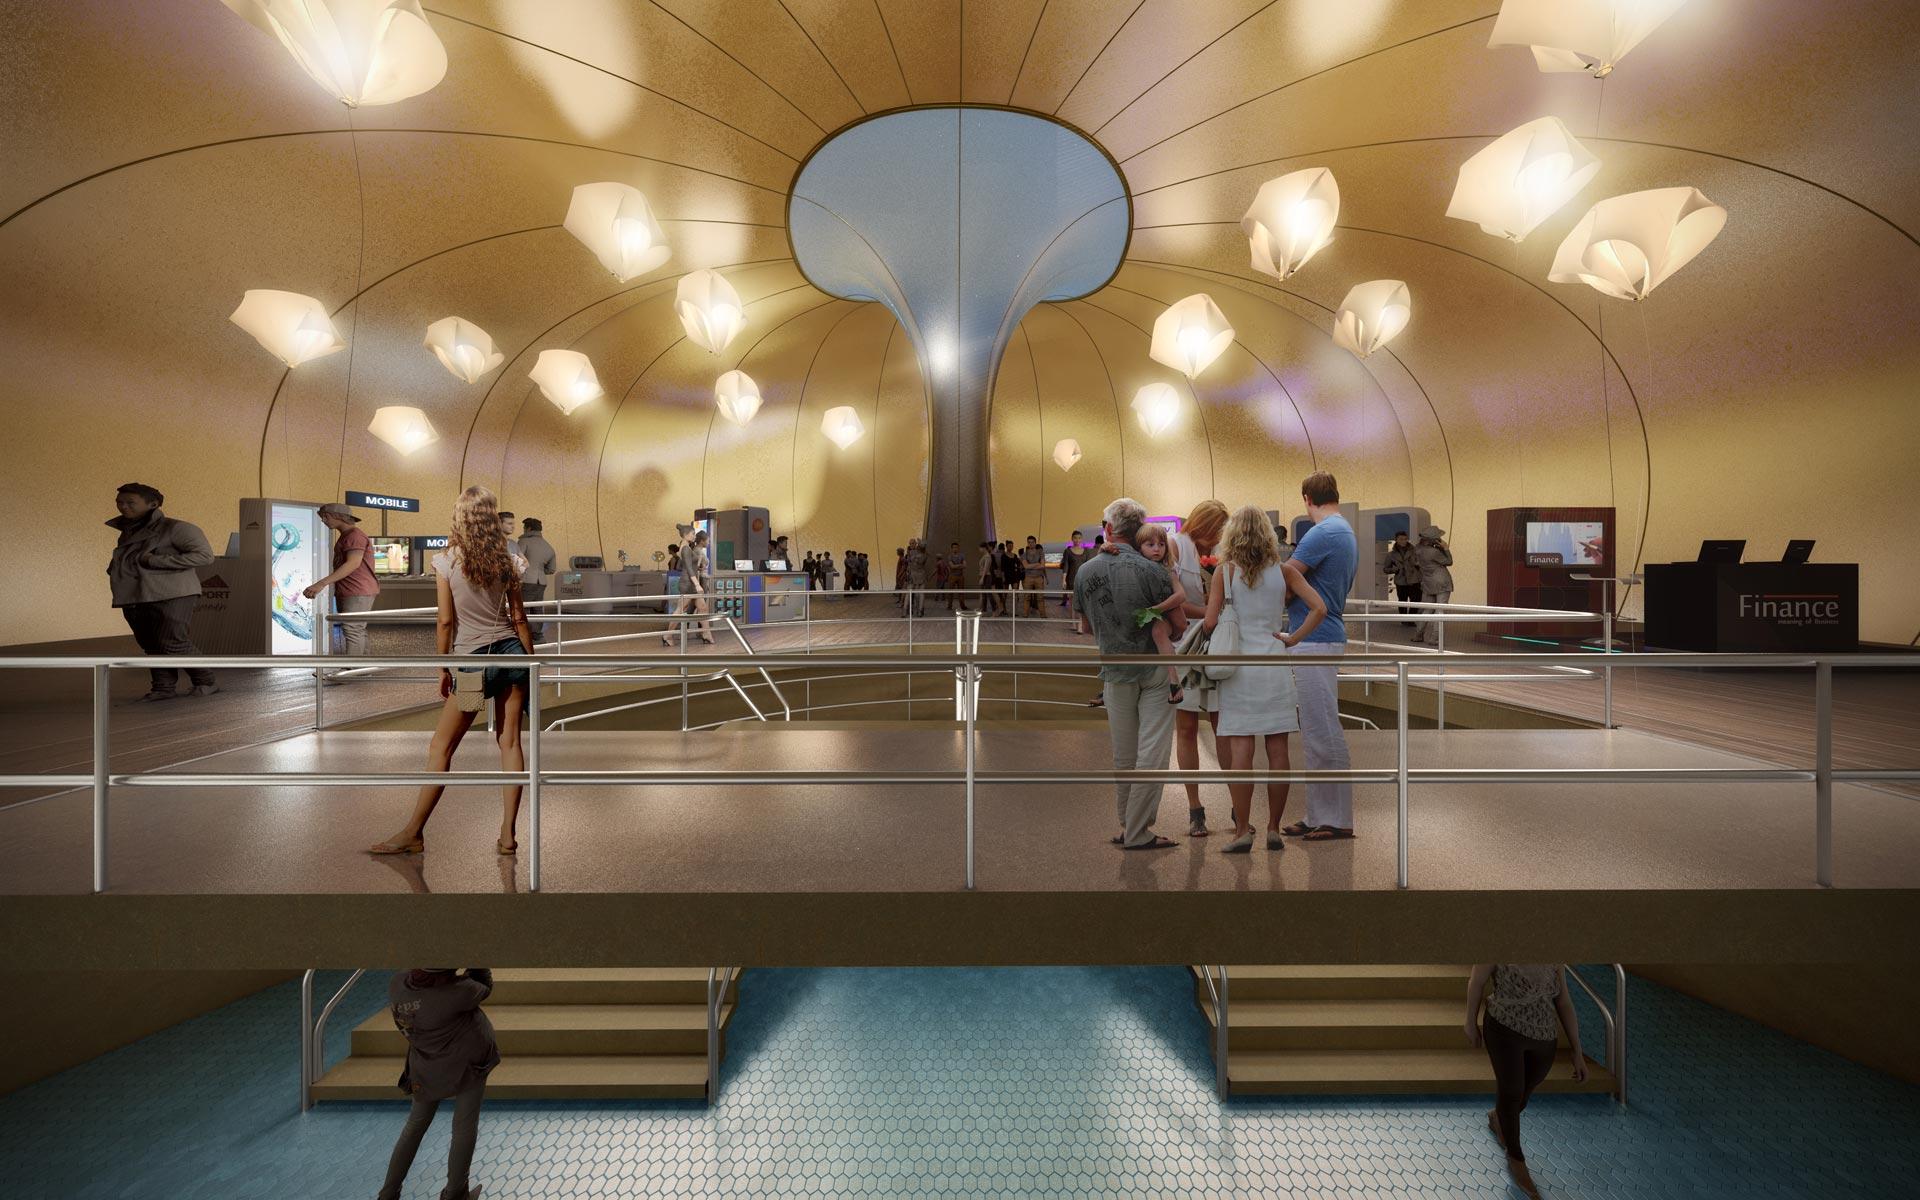 Concurso Parque de las Ciencias, interior pabellón infalible dorado arquitectura efímera